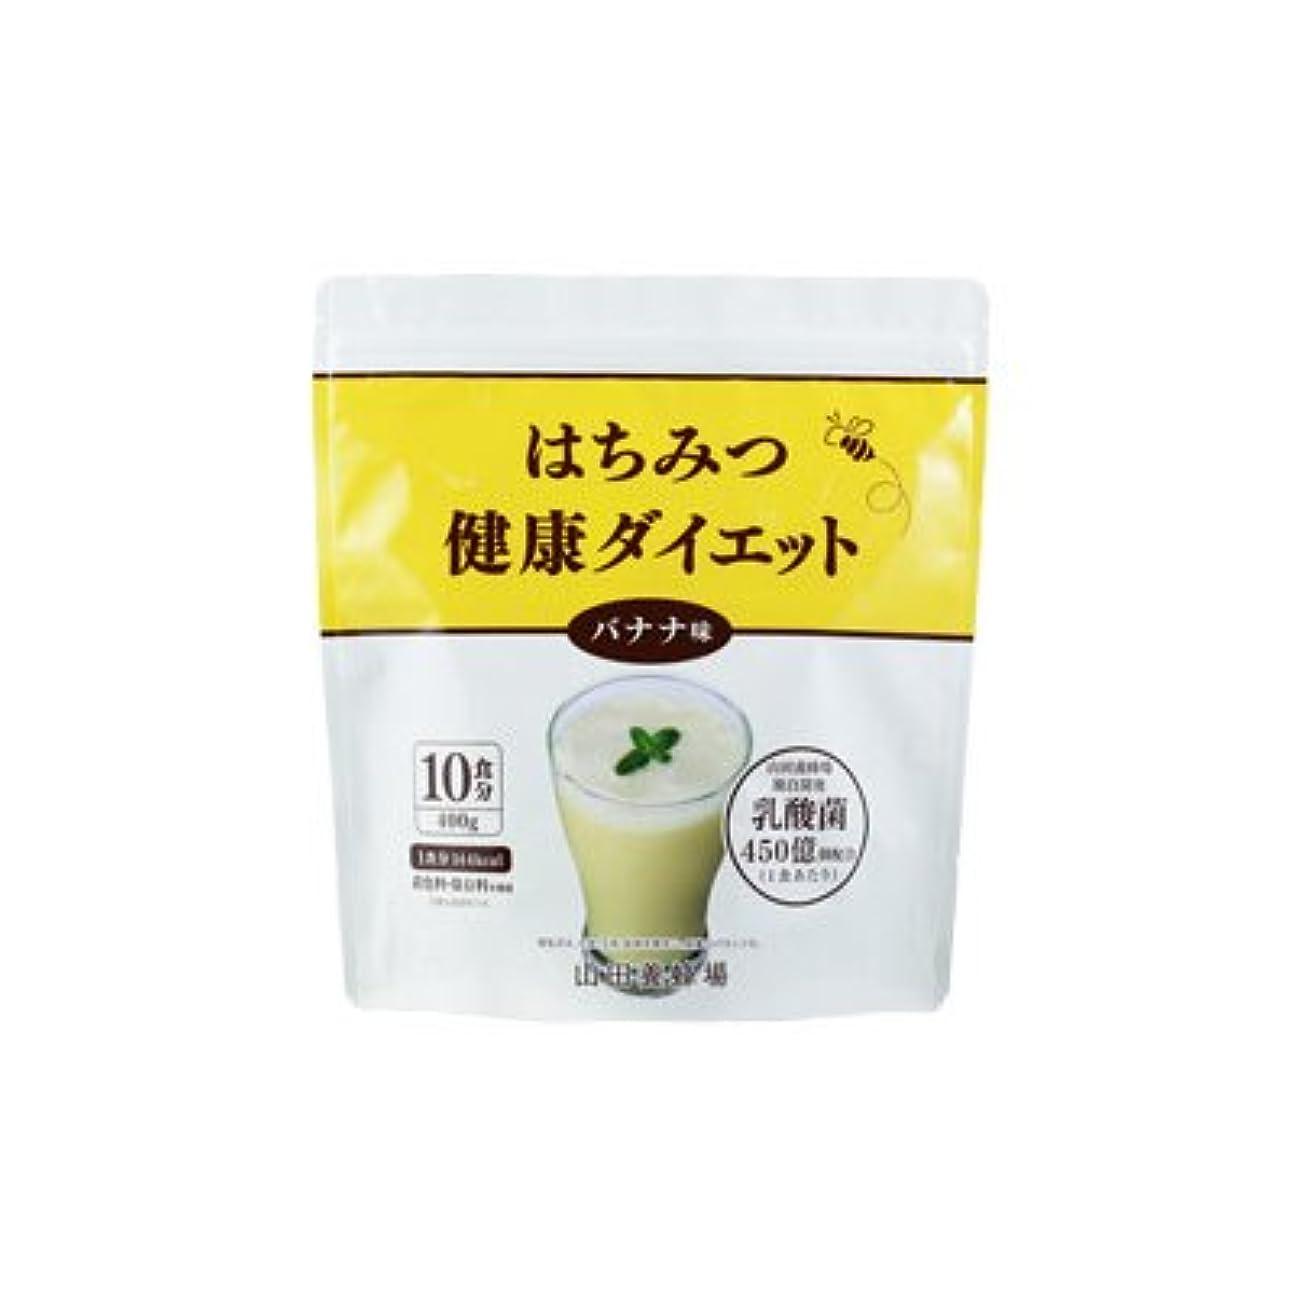 立ち向かうジム対応はちみつ健康ダイエット 【バナナ味】400g(10食分)